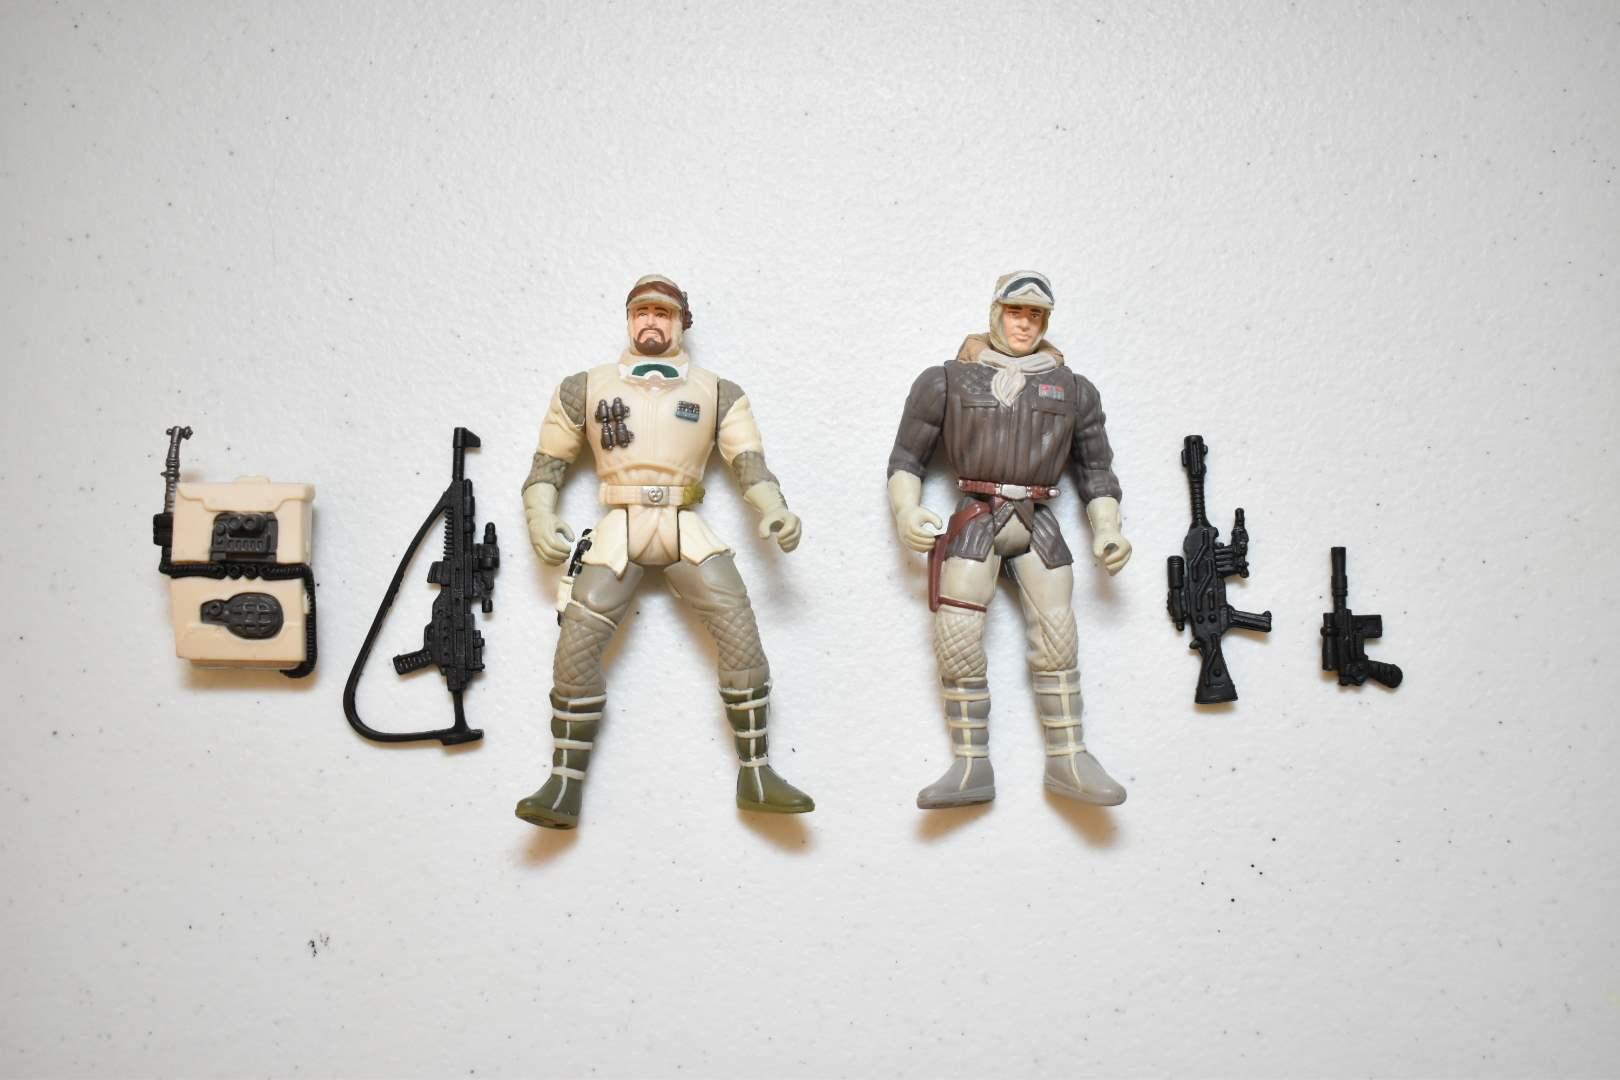 Vintage STAR WARS Hoth Troops